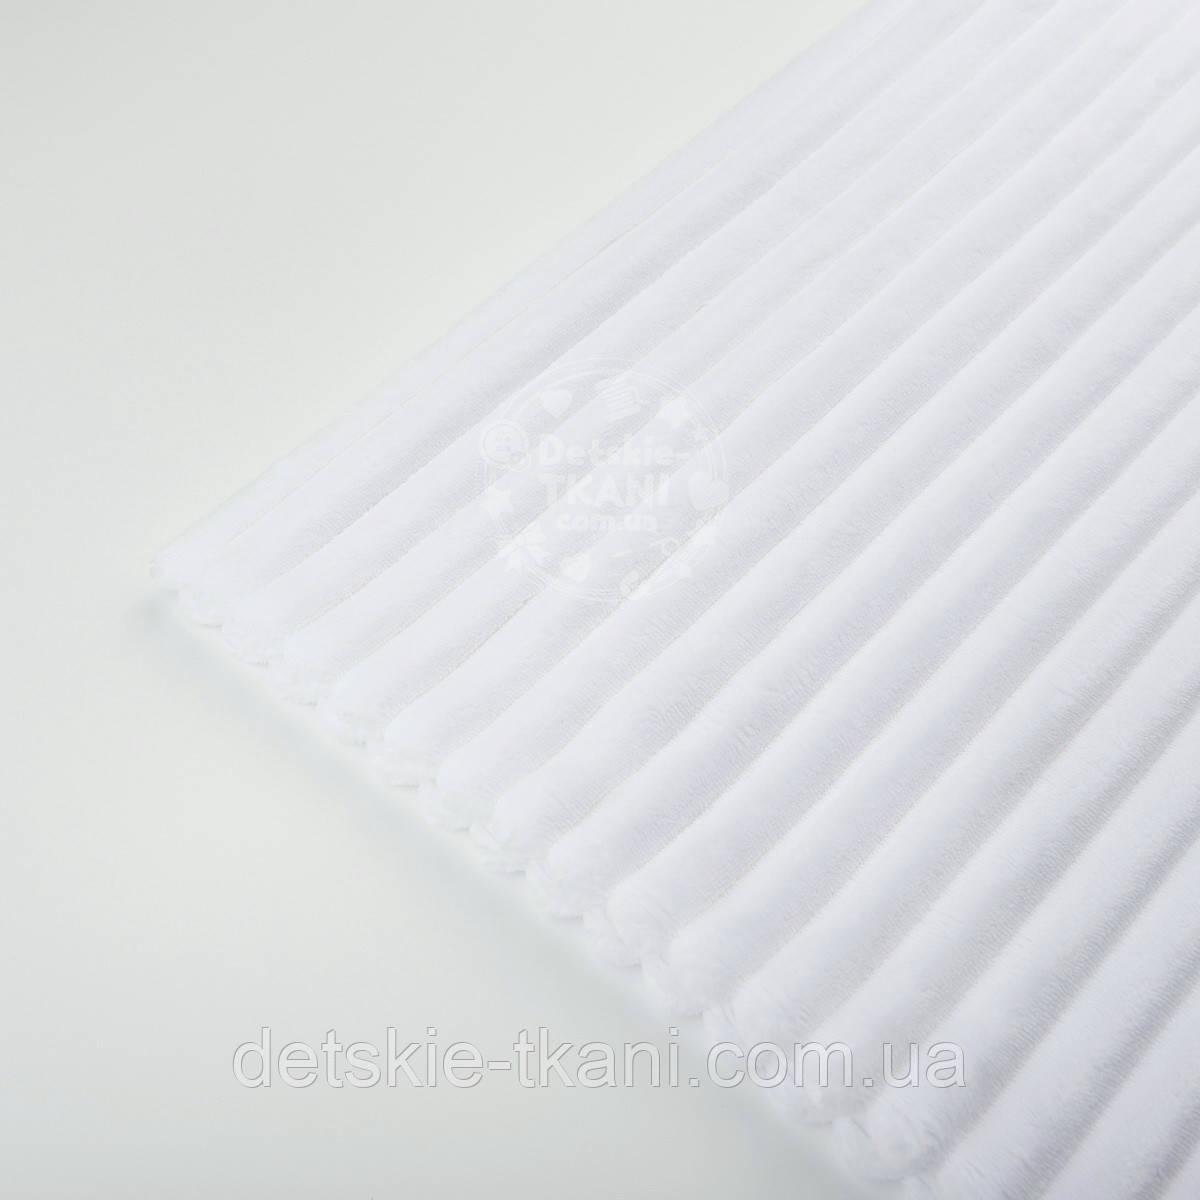 Два лоскута плюша в полоску Stripes, цвет белый, размер 60*160, 65*40 см (есть загрязнение)